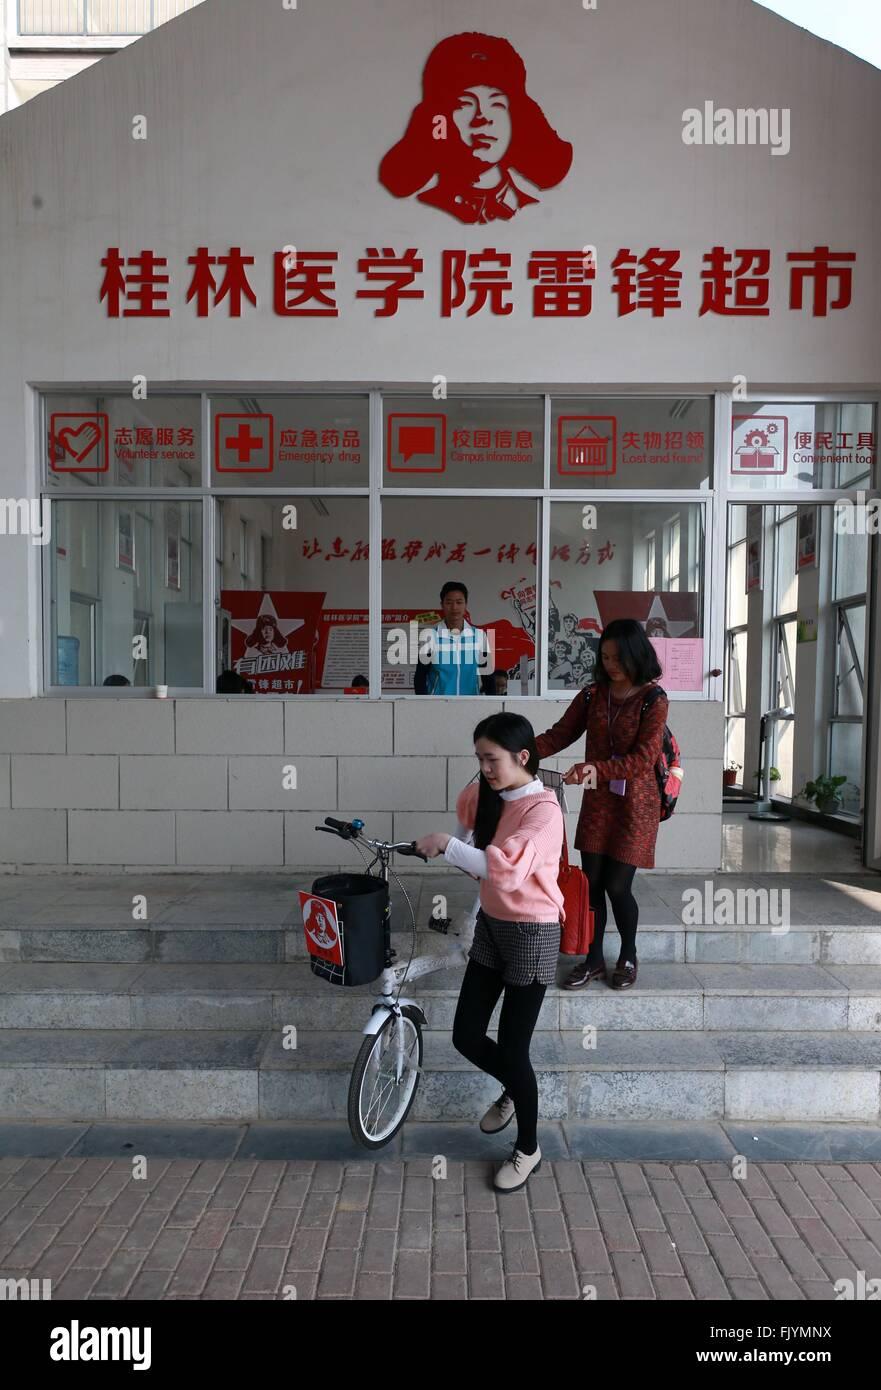 (160304) -- GUILIN, 4 marzo, 2016 (Xinhua) -- due studenti di prendere in prestito biciclette da Lei Feng supermercato Immagini Stock